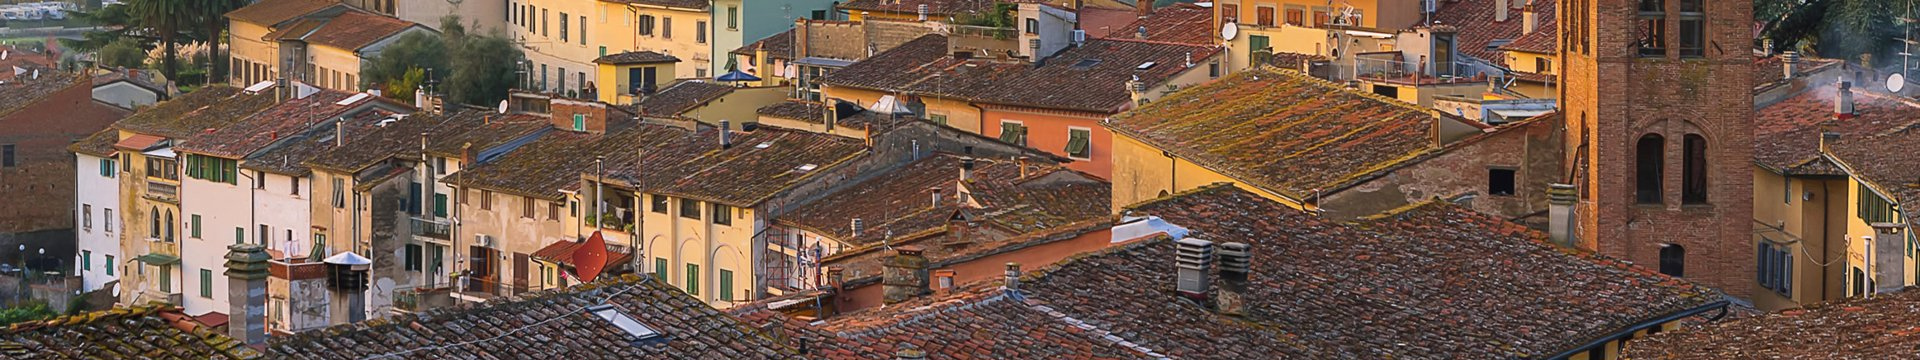 Montopoli in Val d'Arno